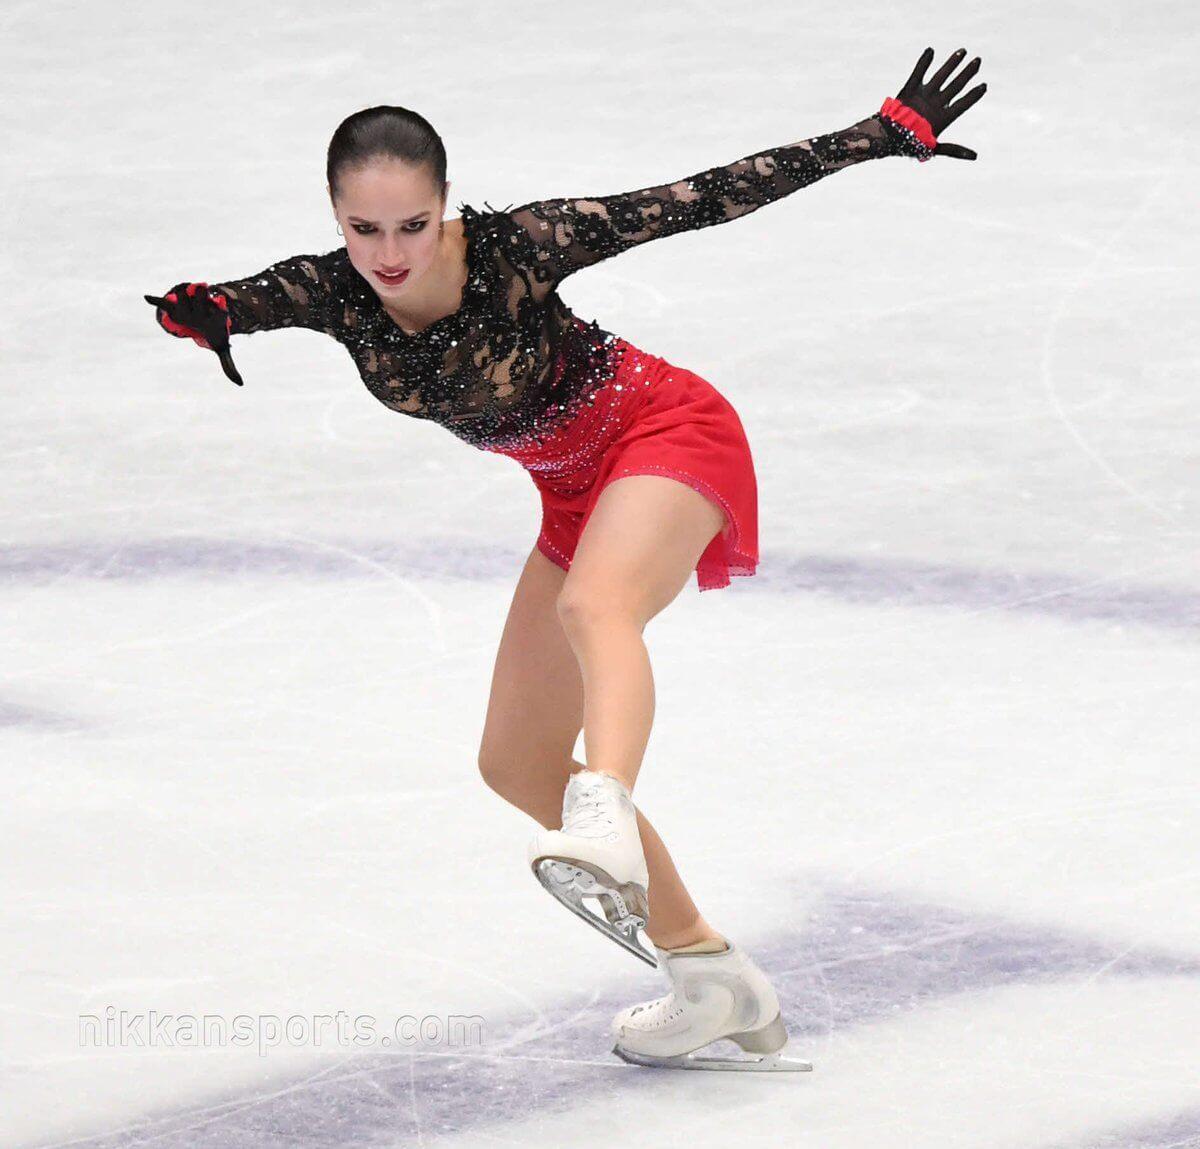 プーチン大統領がザギトワの勝利を祝福!「このような偉業達成は我が国にスポーツの栄光をもたらす」